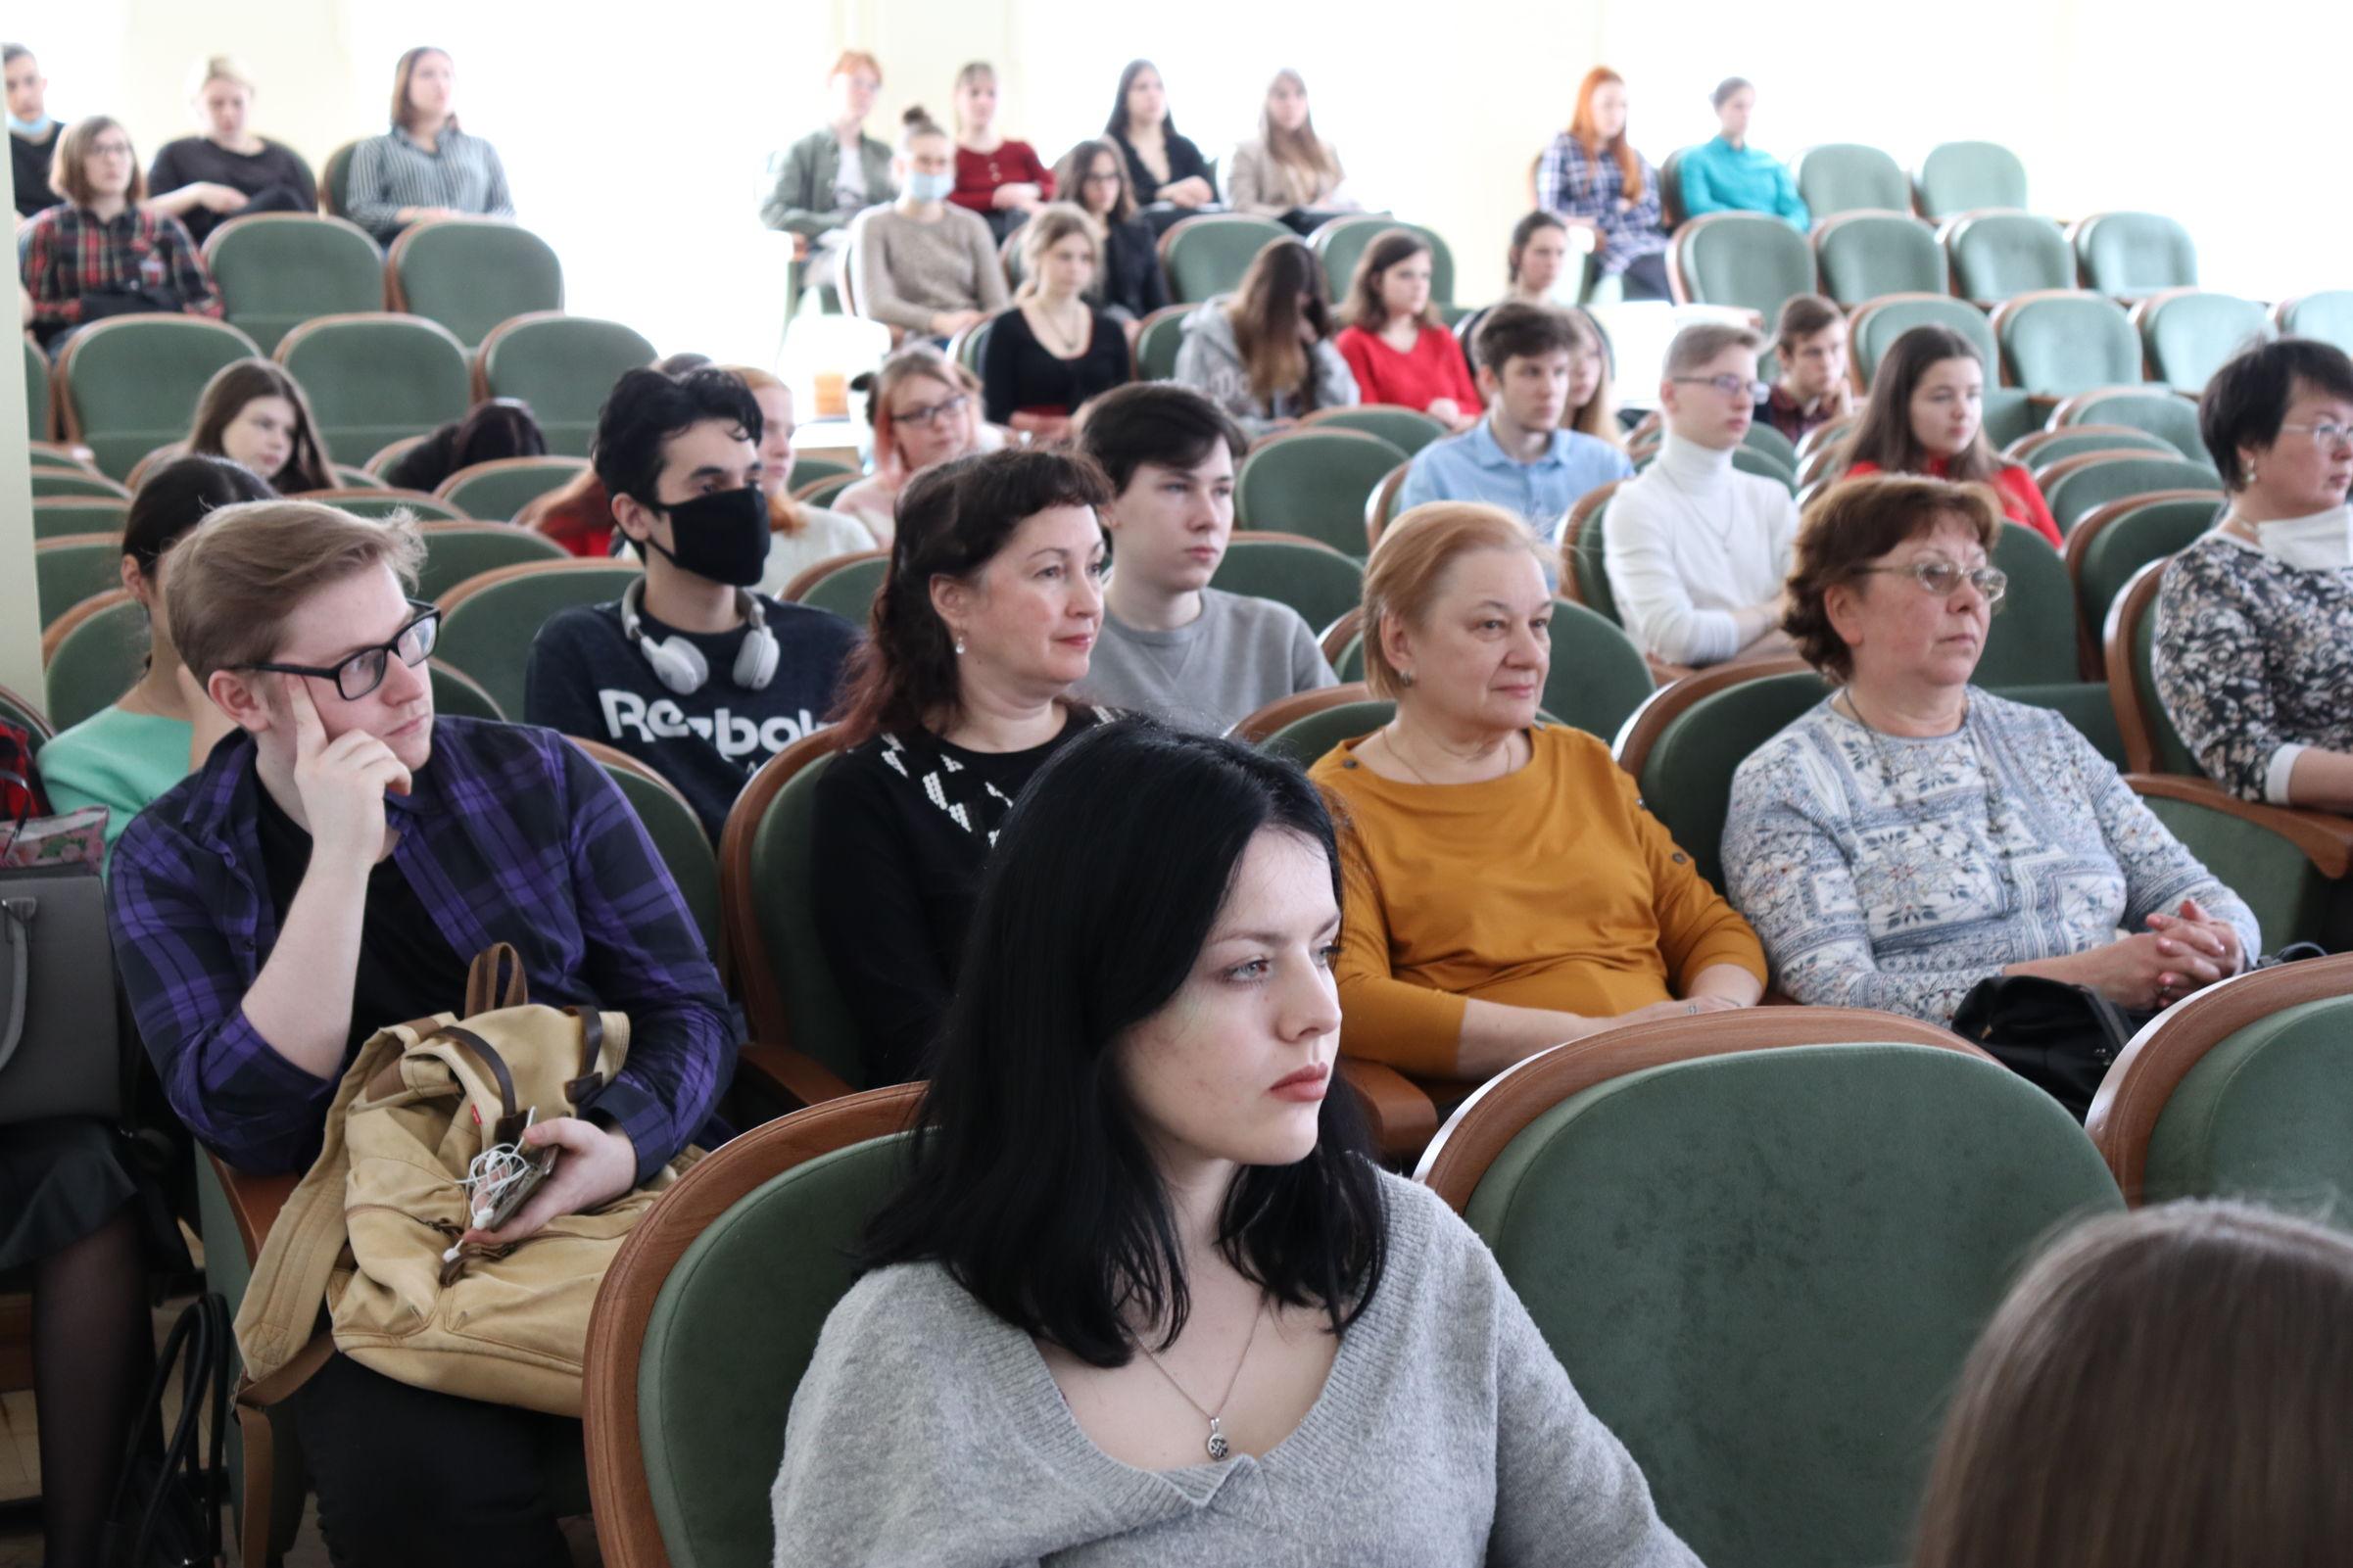 Завершается мартовская сессия в региональном образовательном центре Юрия Башмета